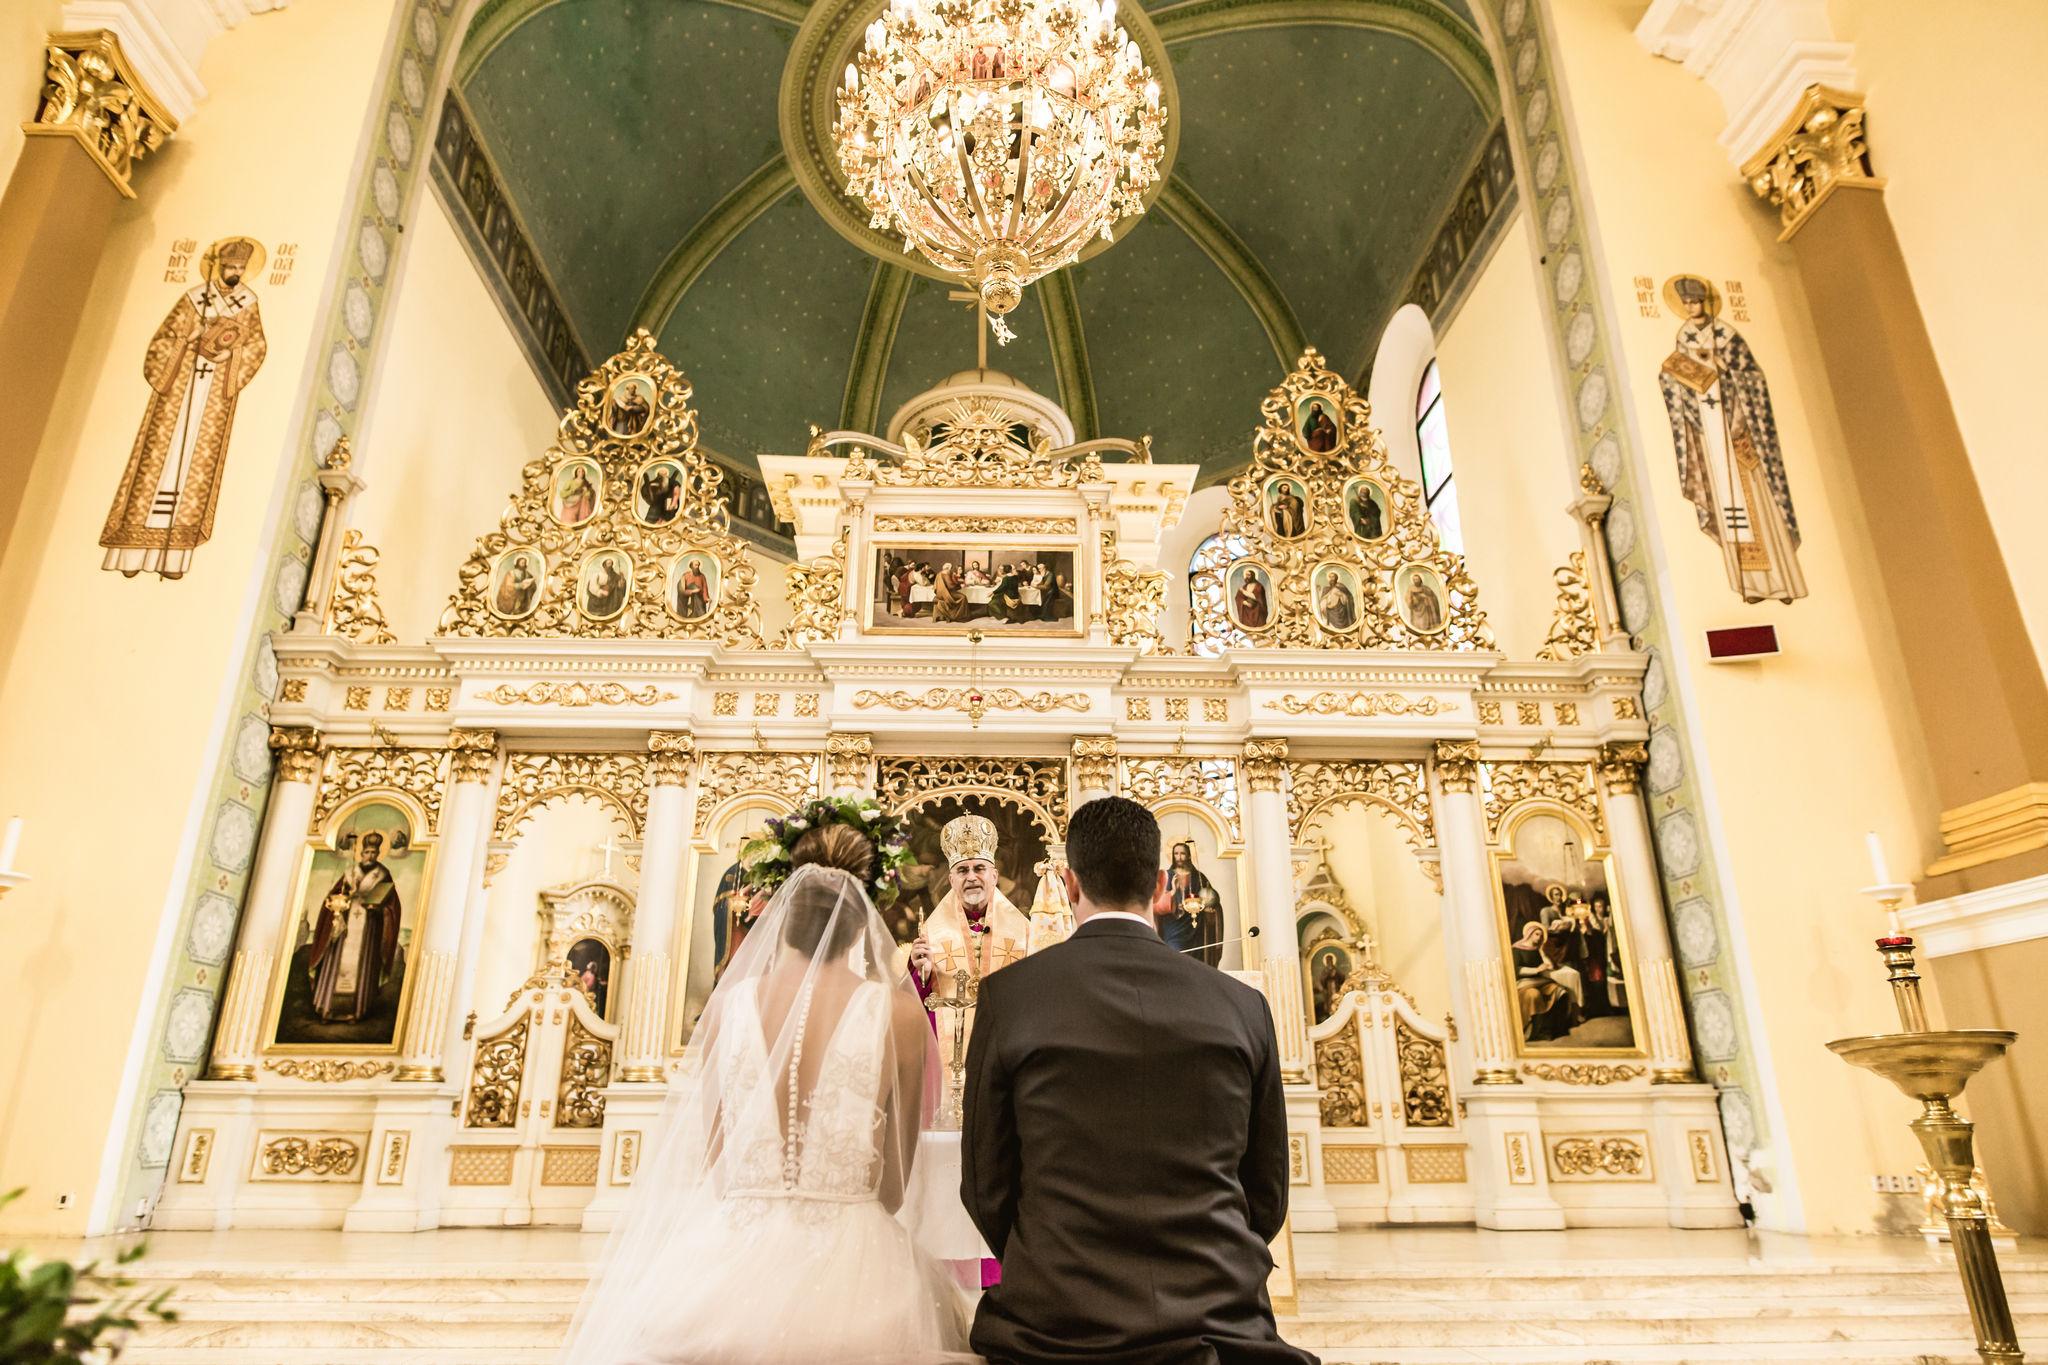 0b0642cb9 Zachovanie svadobných zvykov bolo pre mňa veľmi dôležité. Napríklad  čepčenie nevesty je veľmi emotívna časť svadby, ktorú stále preplačem a tak  tomu bolo aj ...